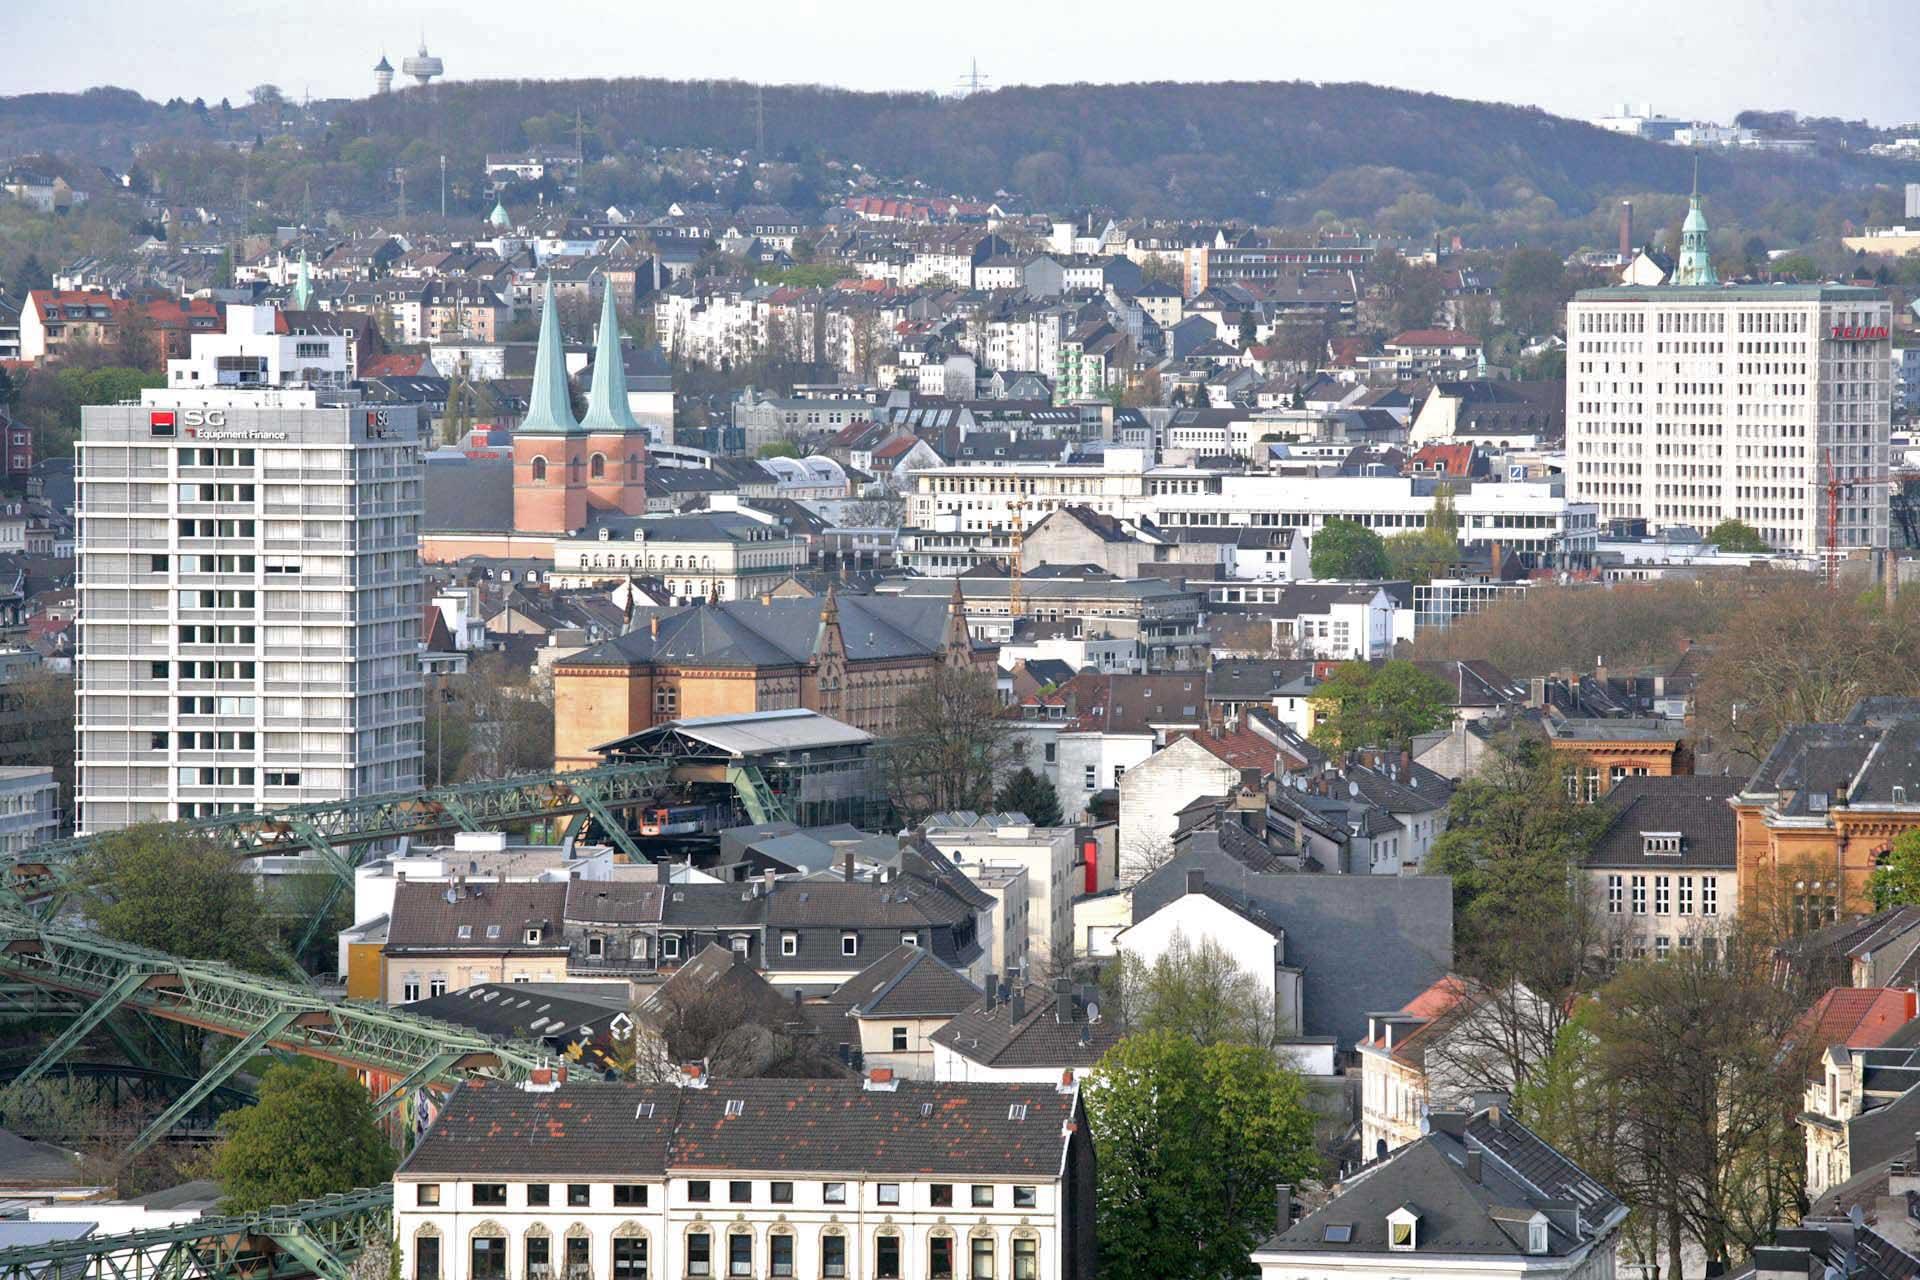 Blick von der Königshöhe auf die Elberfelder Innenstadt